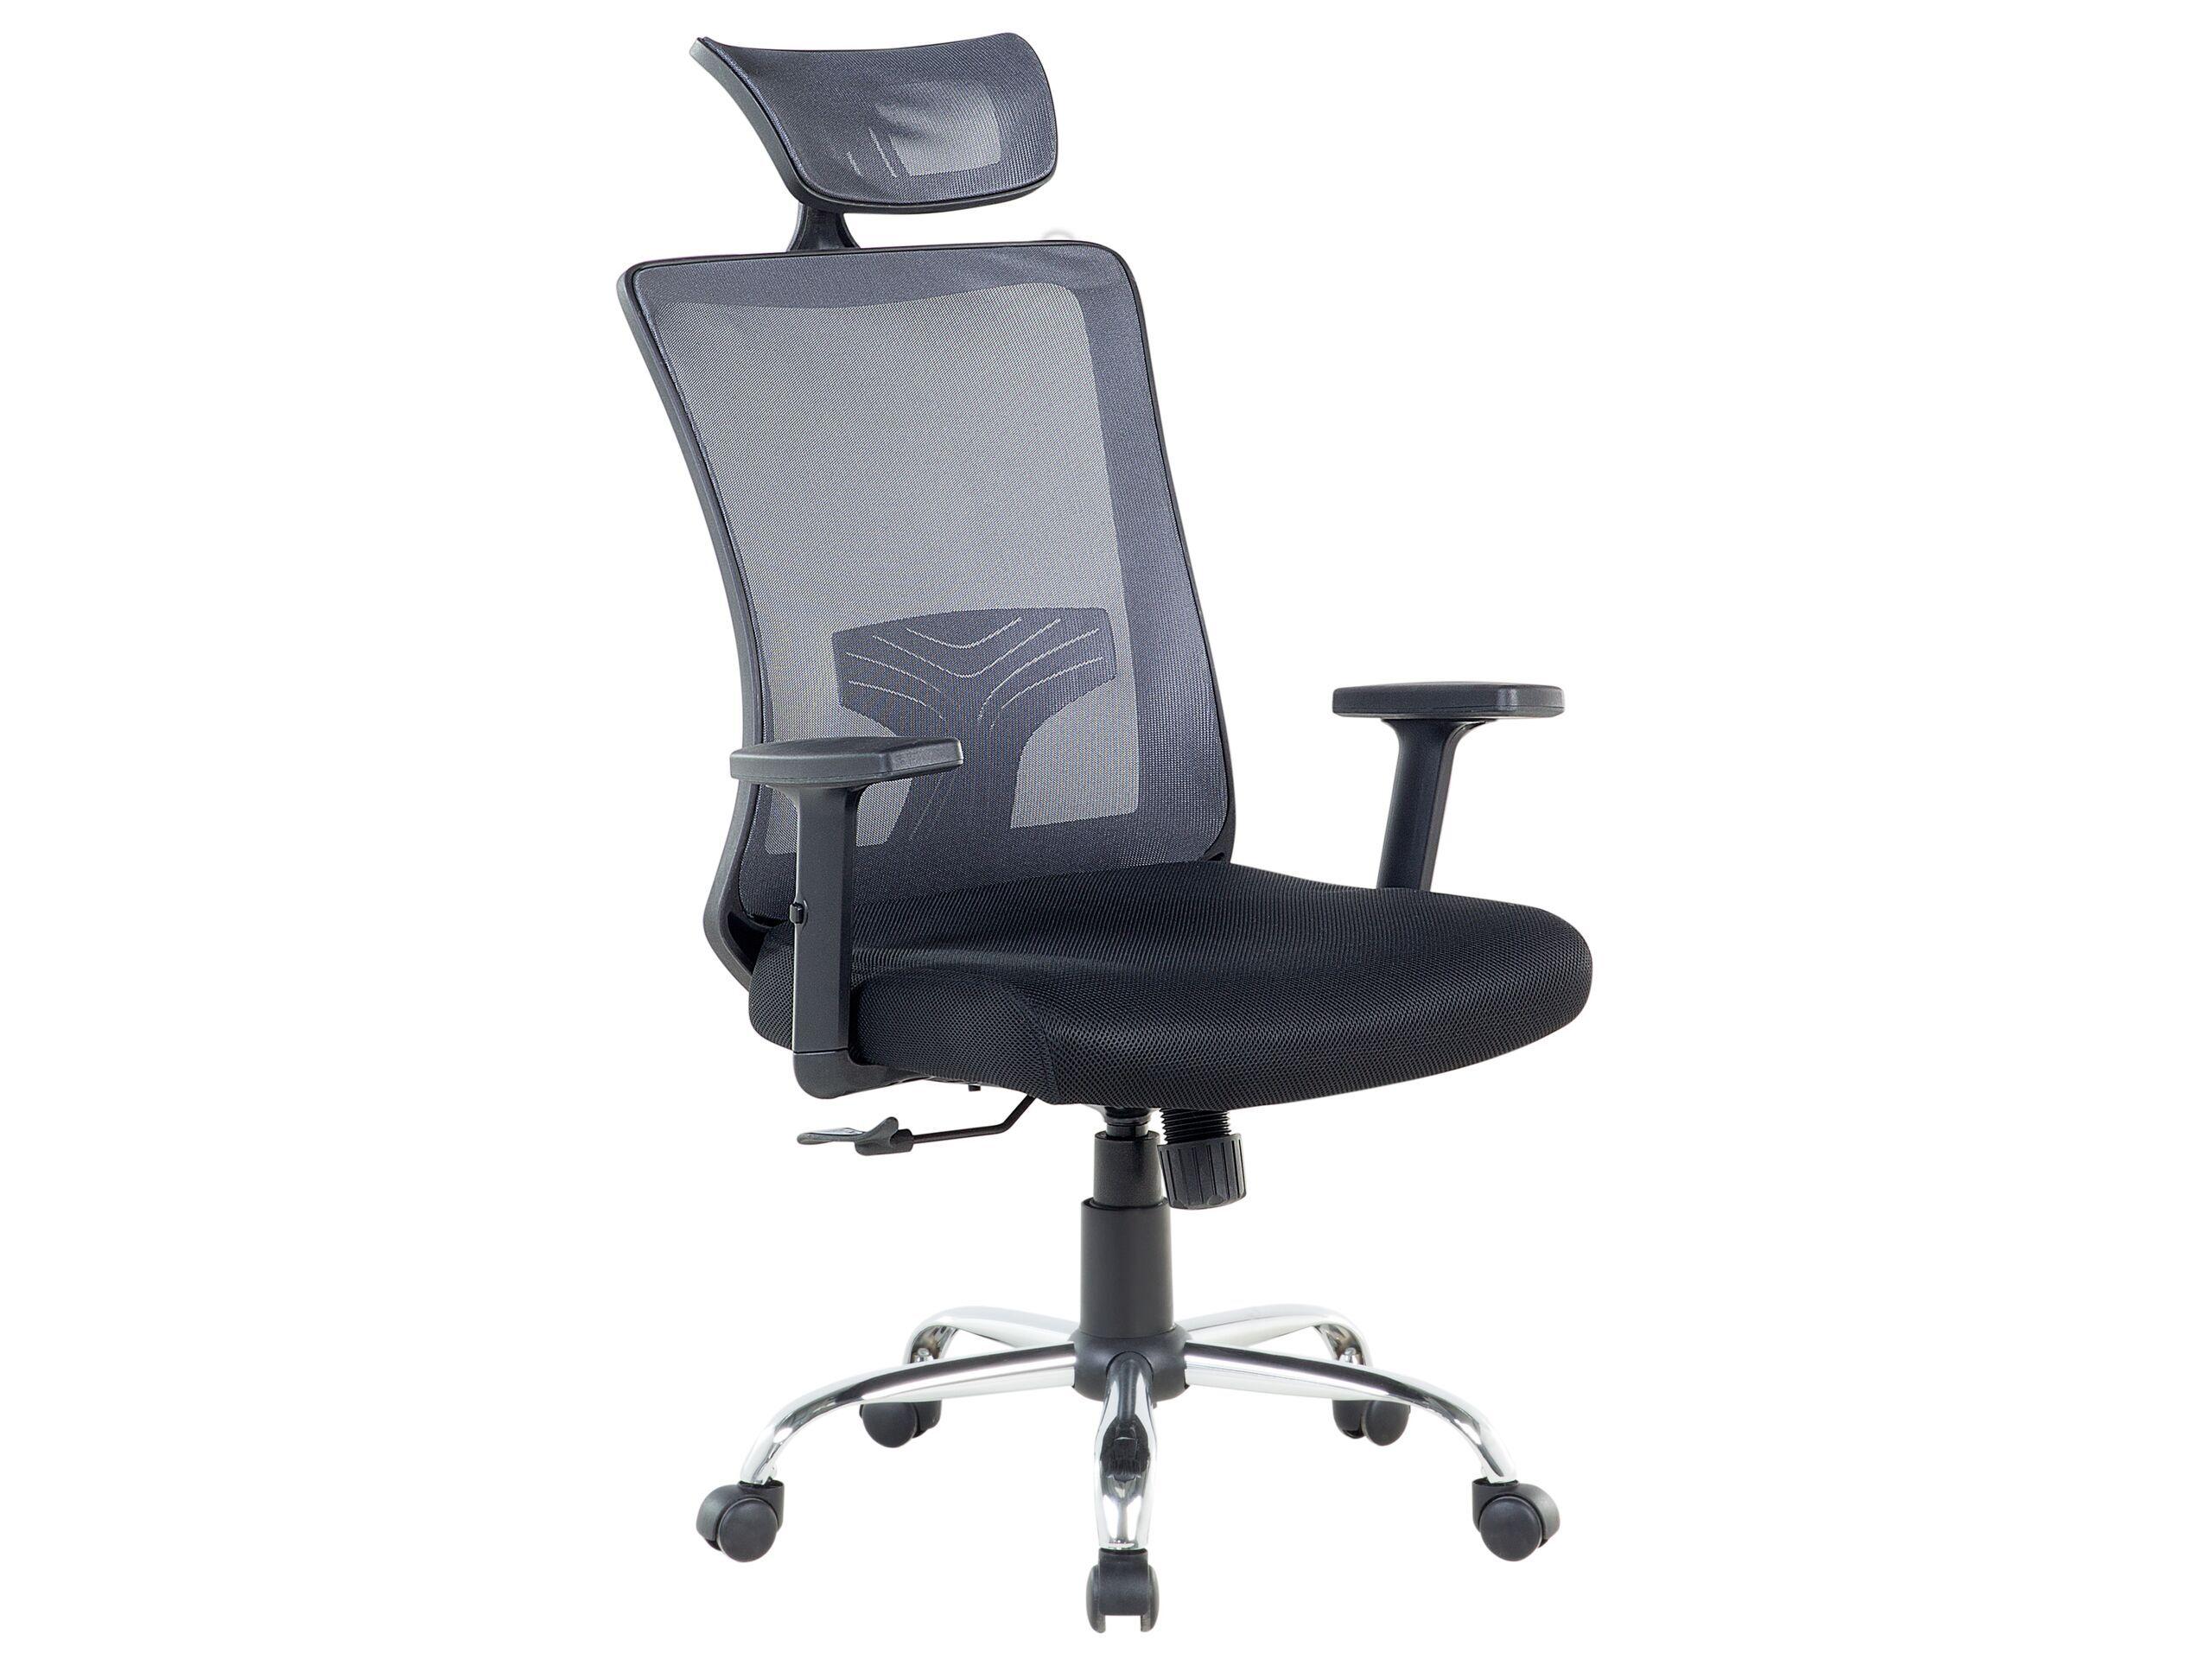 beliani sedia da ufficio tessuto grigio e nero girevole inclinazione regolabile